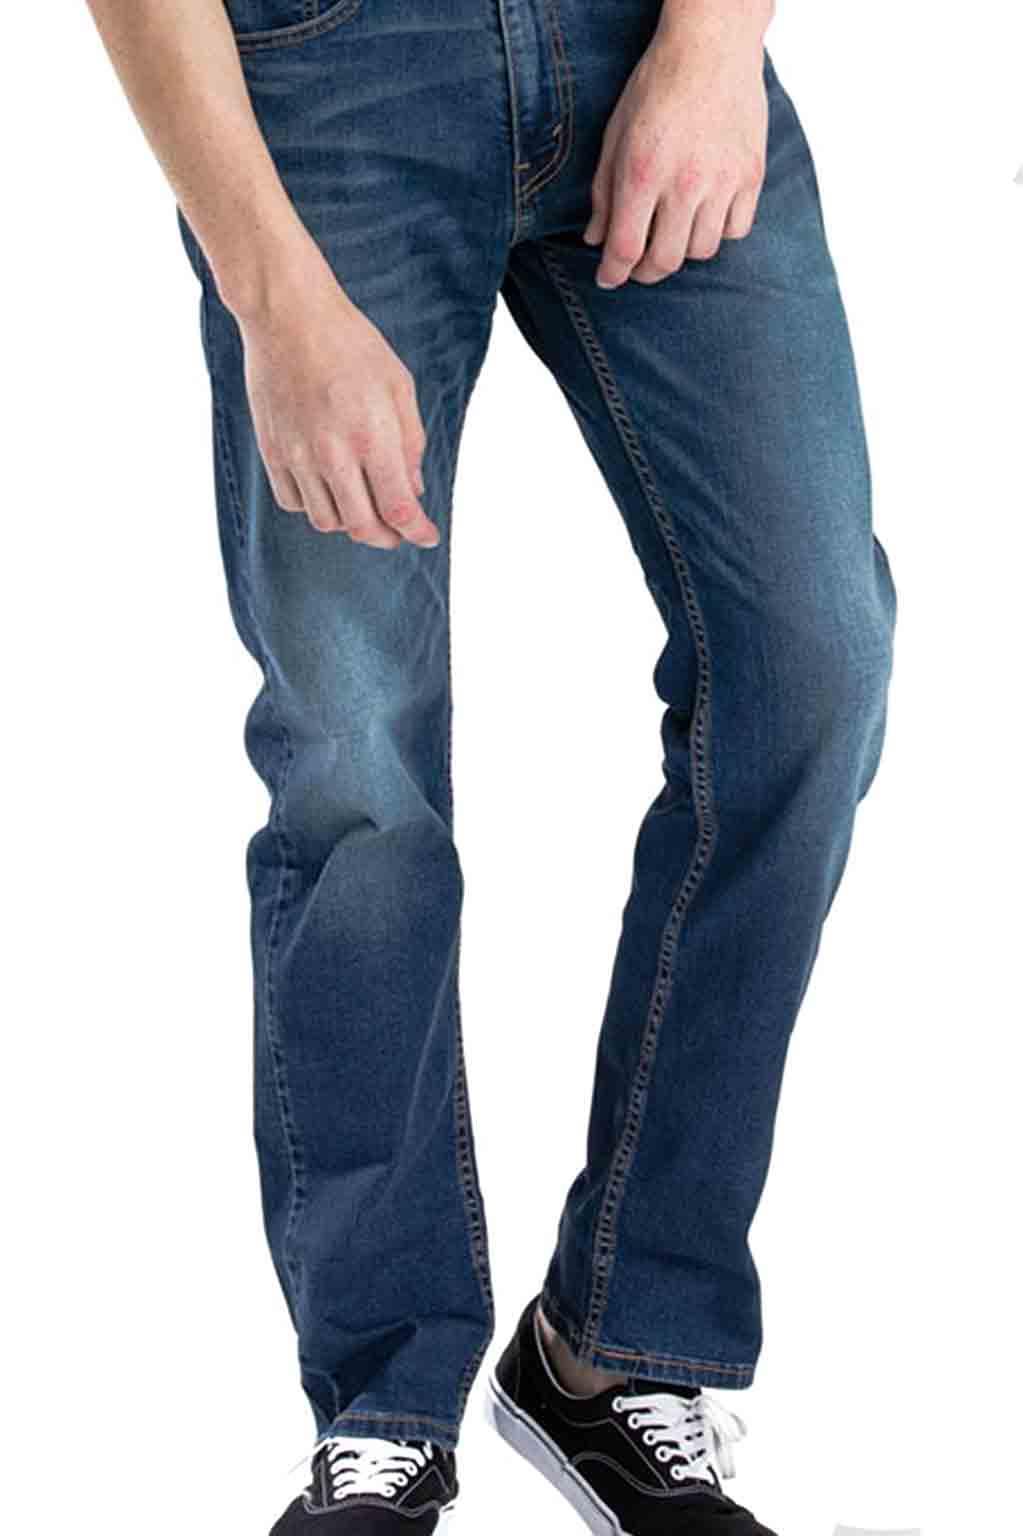 ג'ינס Levis 505-1626 לגבר - כחול